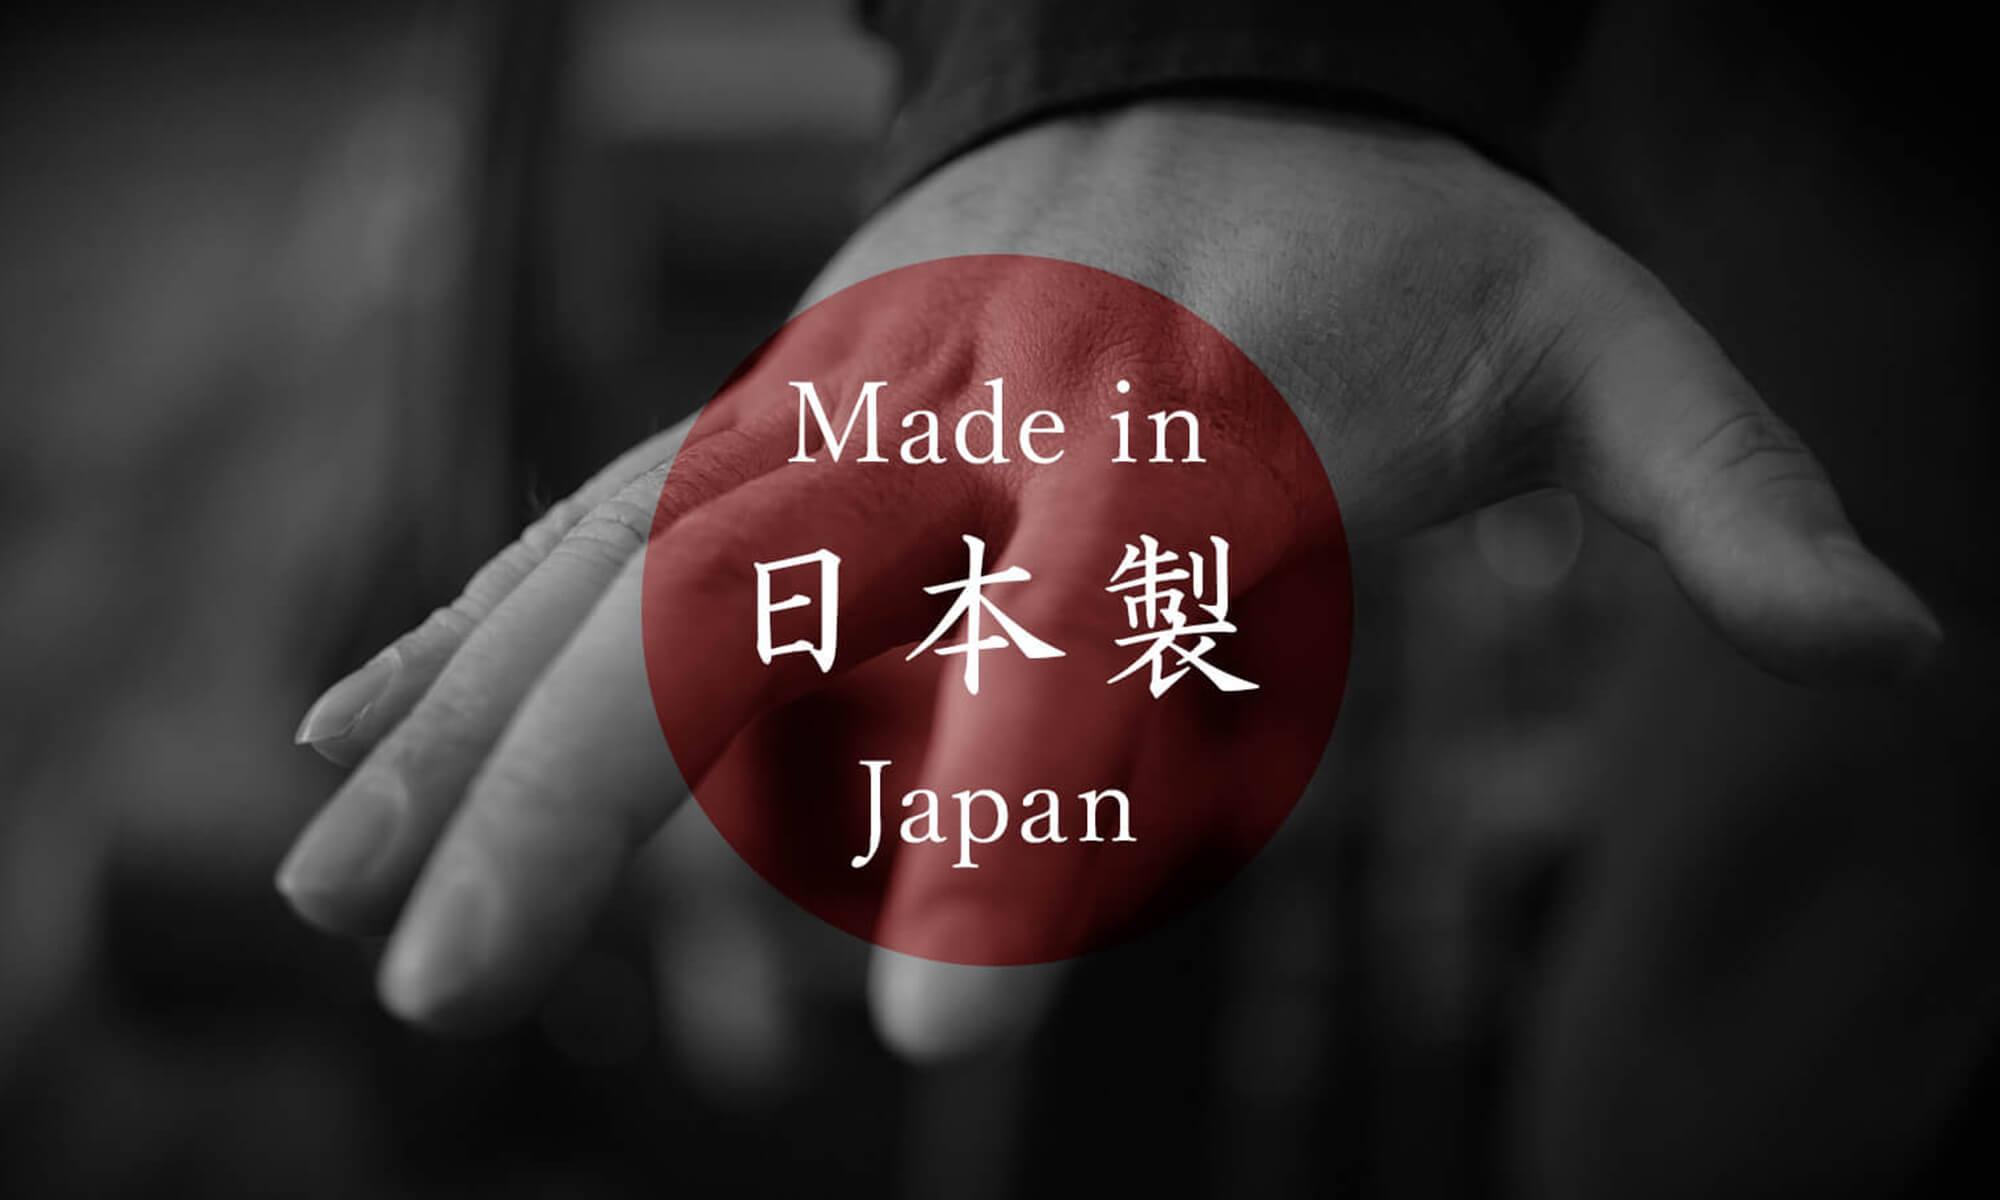 日本のマットレスメーカーは日本での気候や国内使用に合った商品が多い